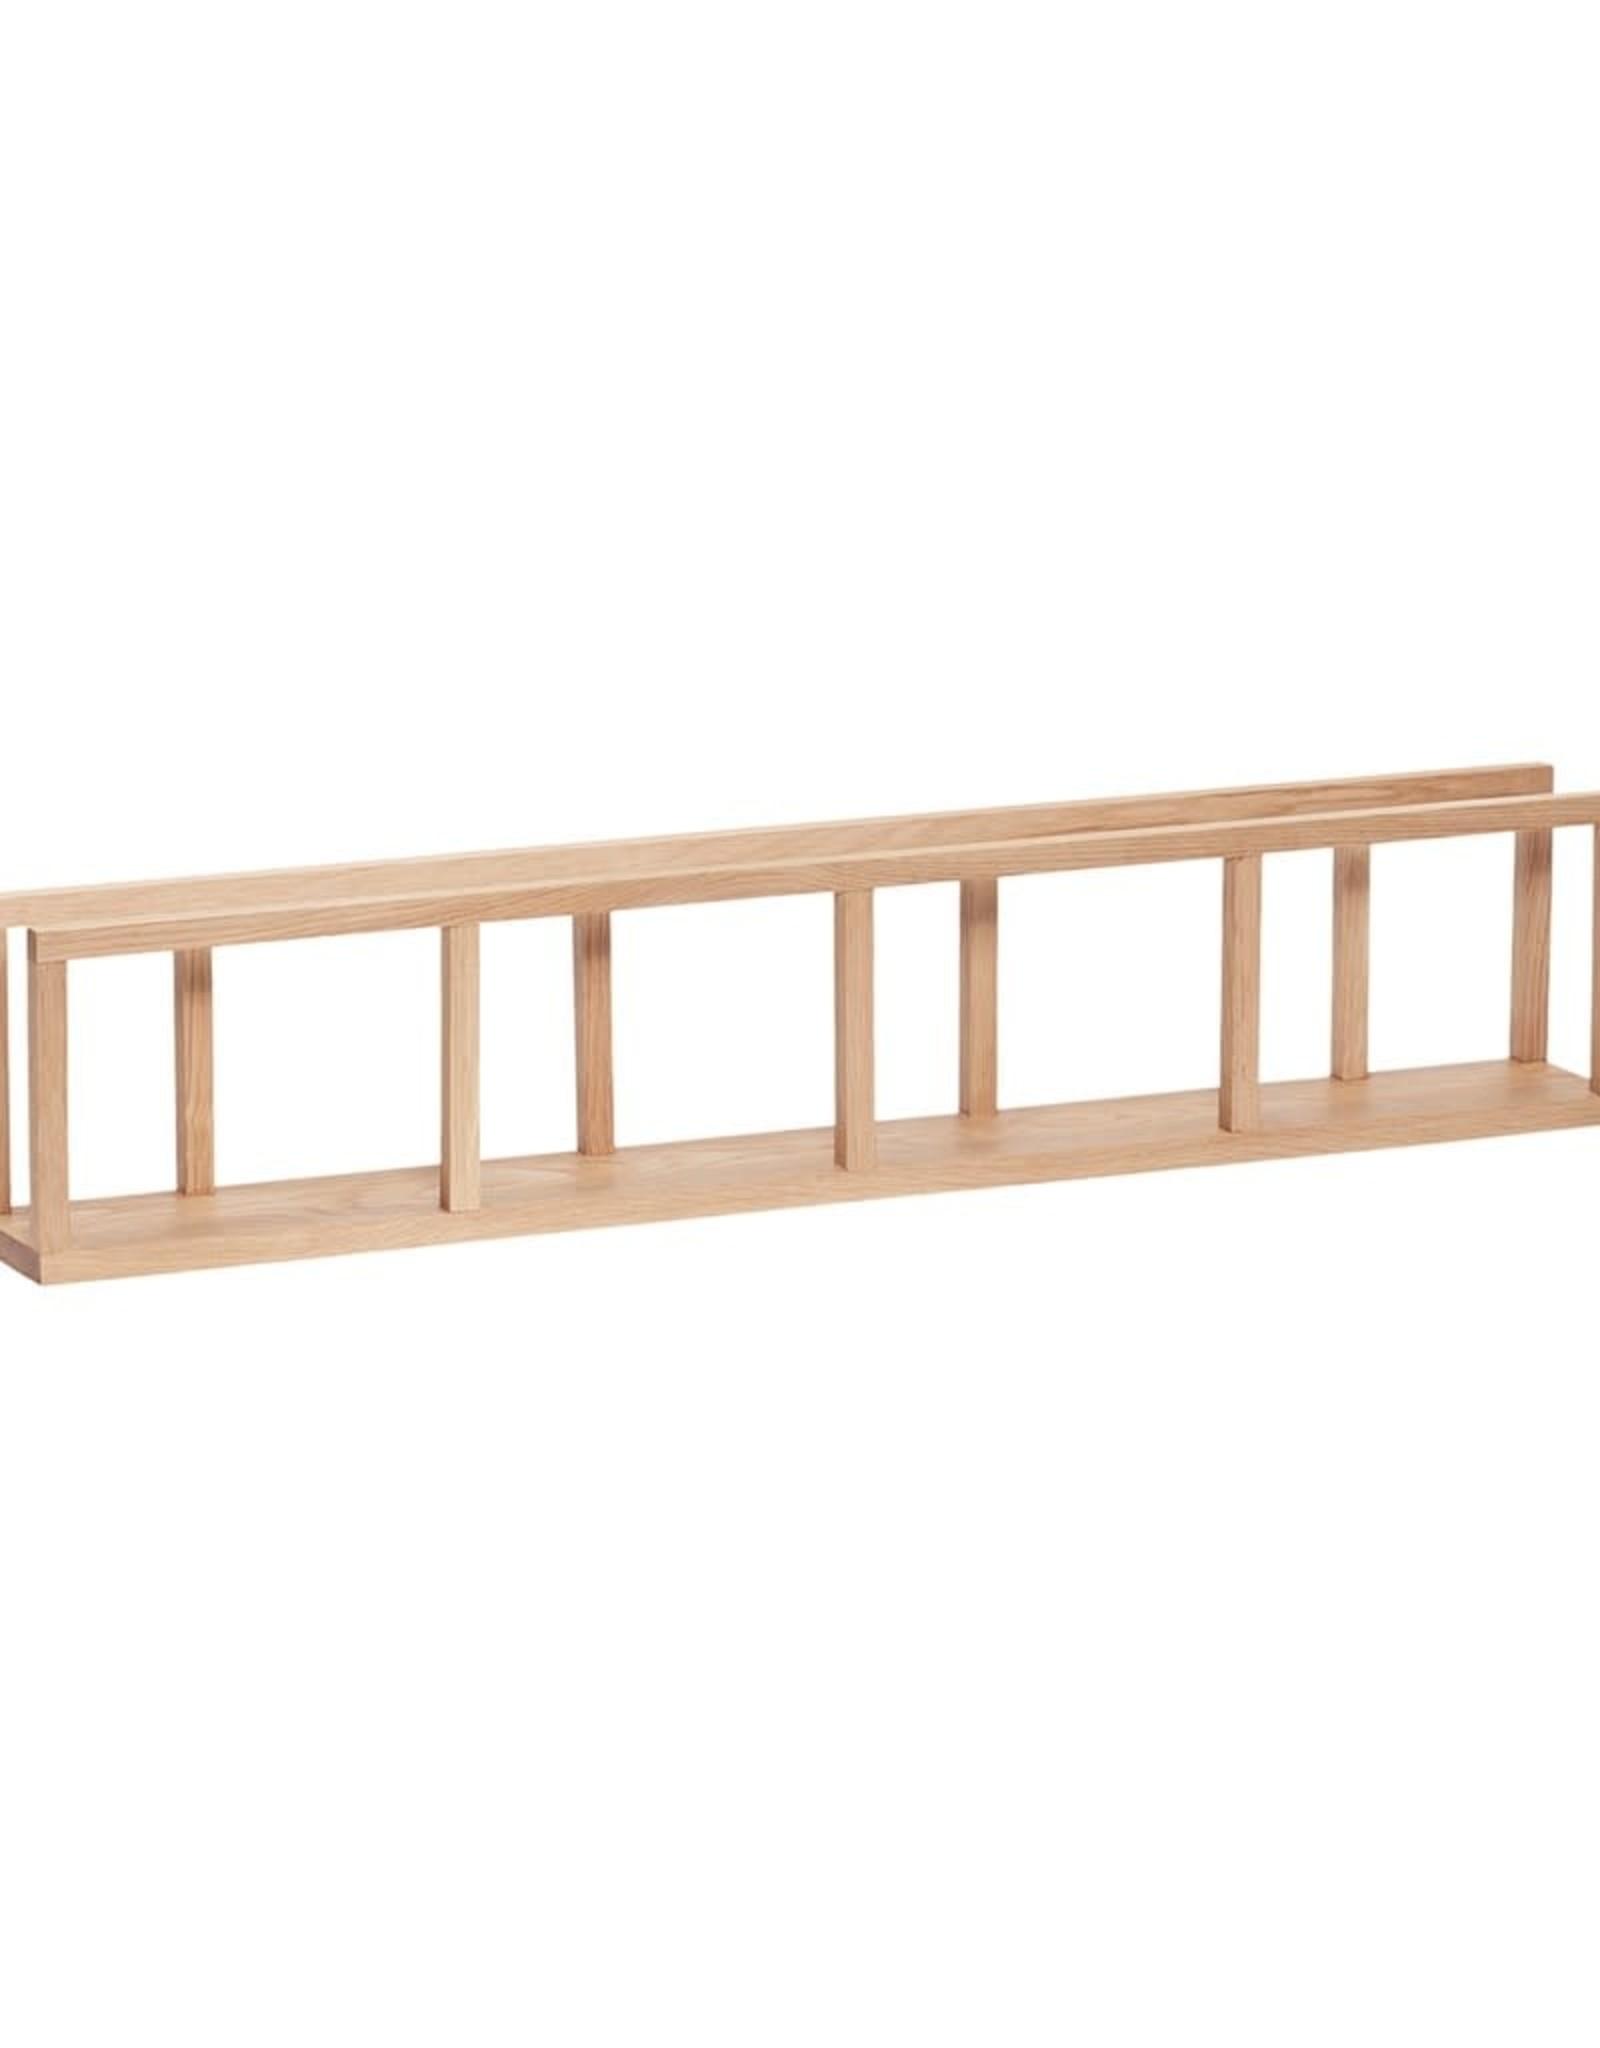 Hübsch Hübsch Wall Shelf Oak 110x13xh22cm